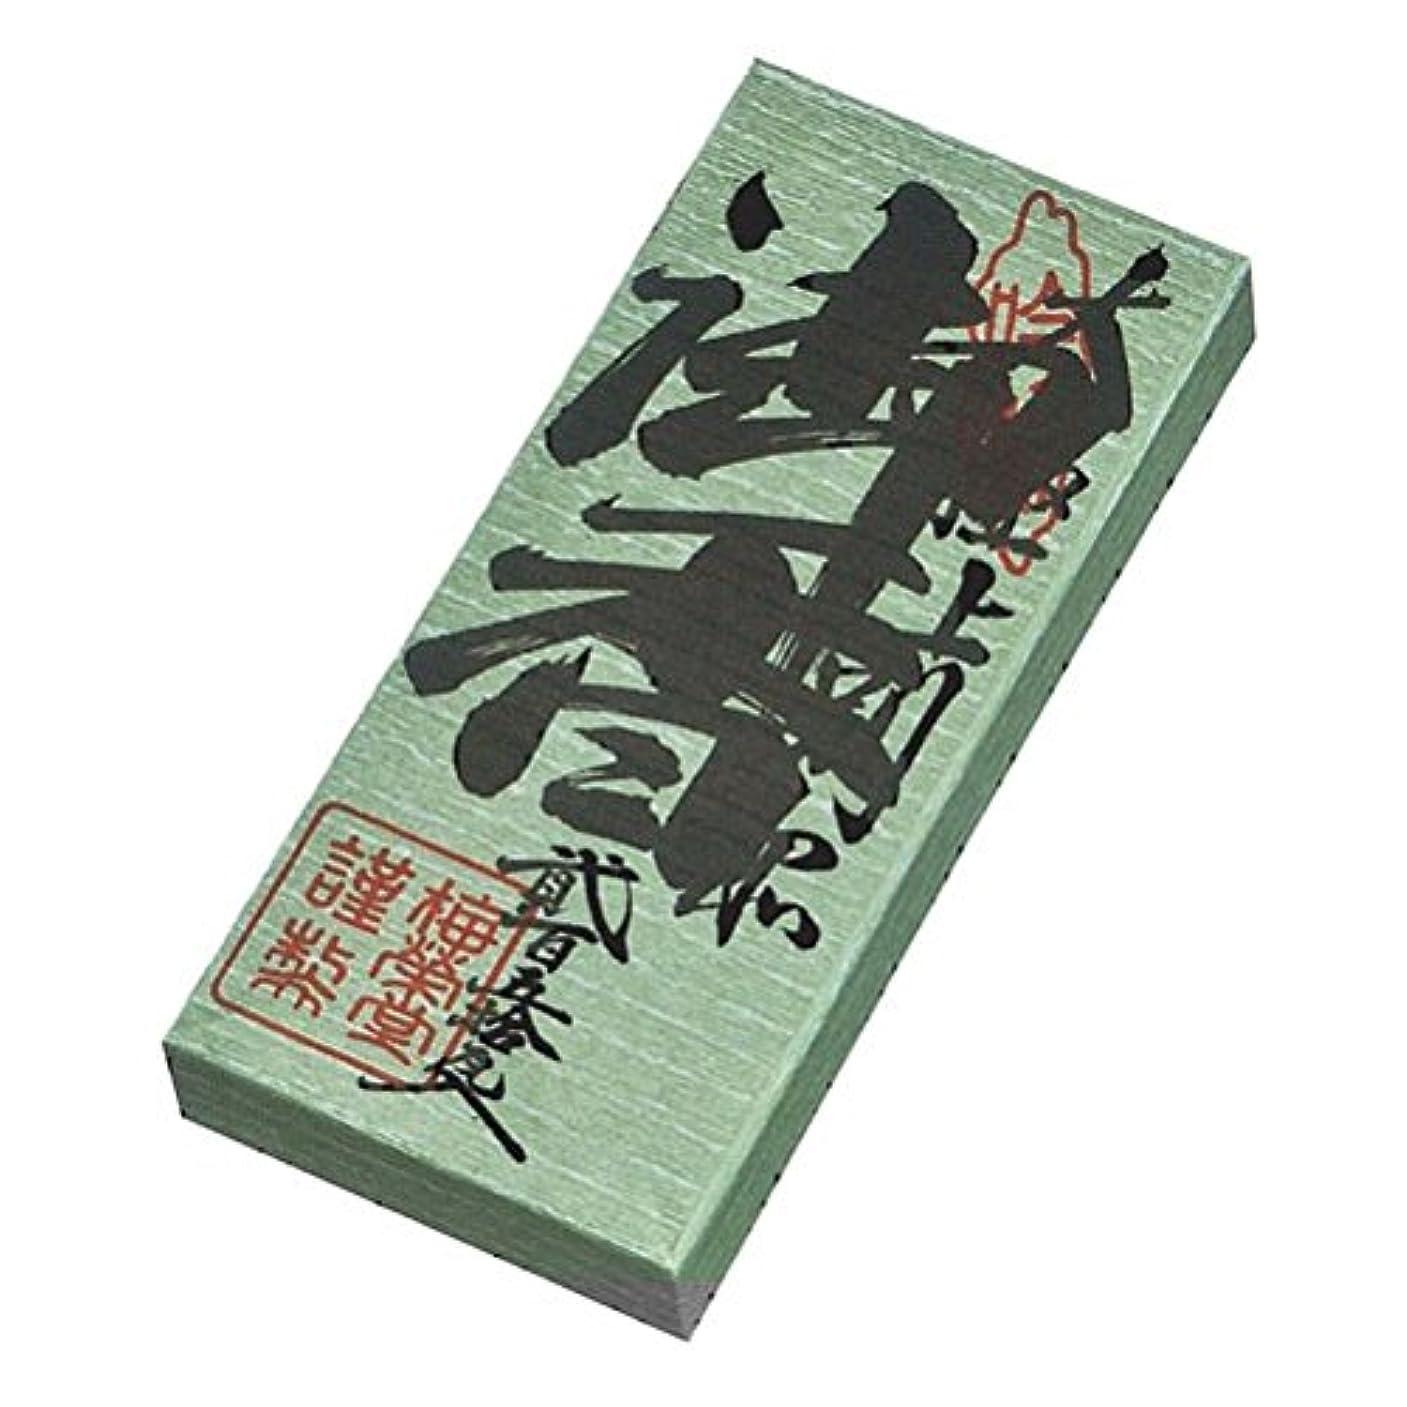 巻き戻す信条経済的崇徳印 250g 紙箱入り お焼香 梅栄堂